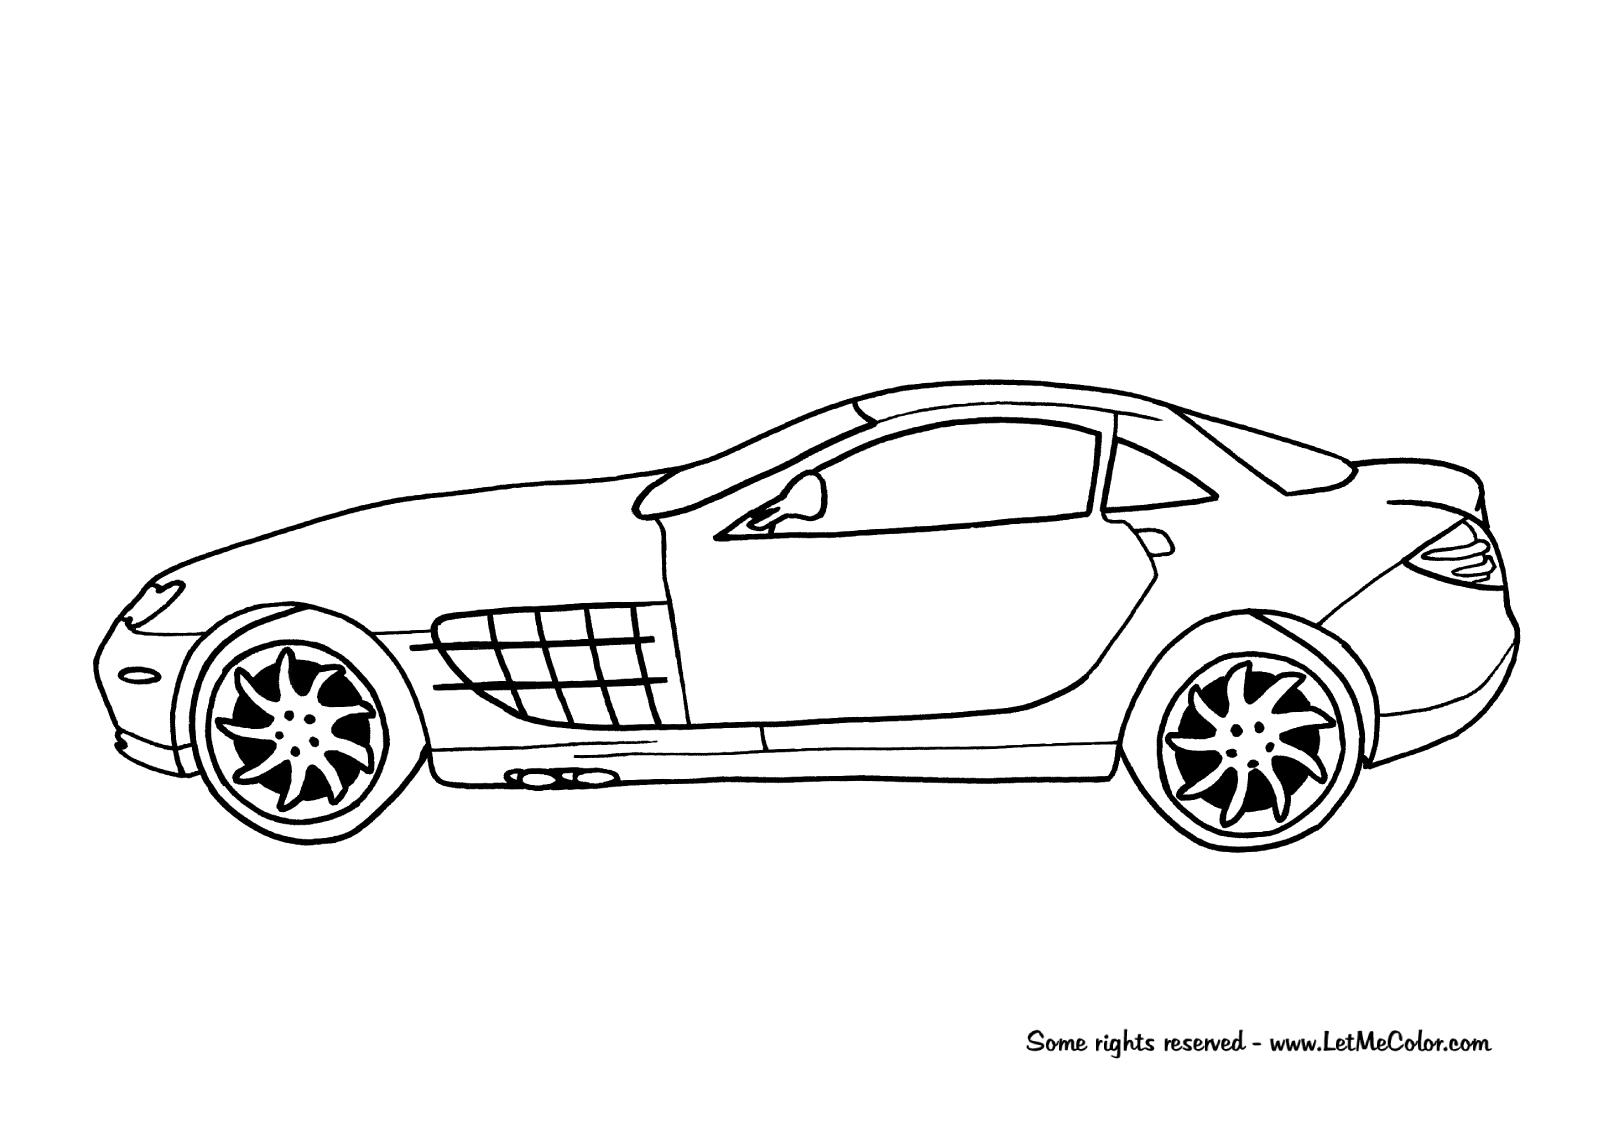 Mercedes Benz Slr Mclaren Coloring Page Letmecolor